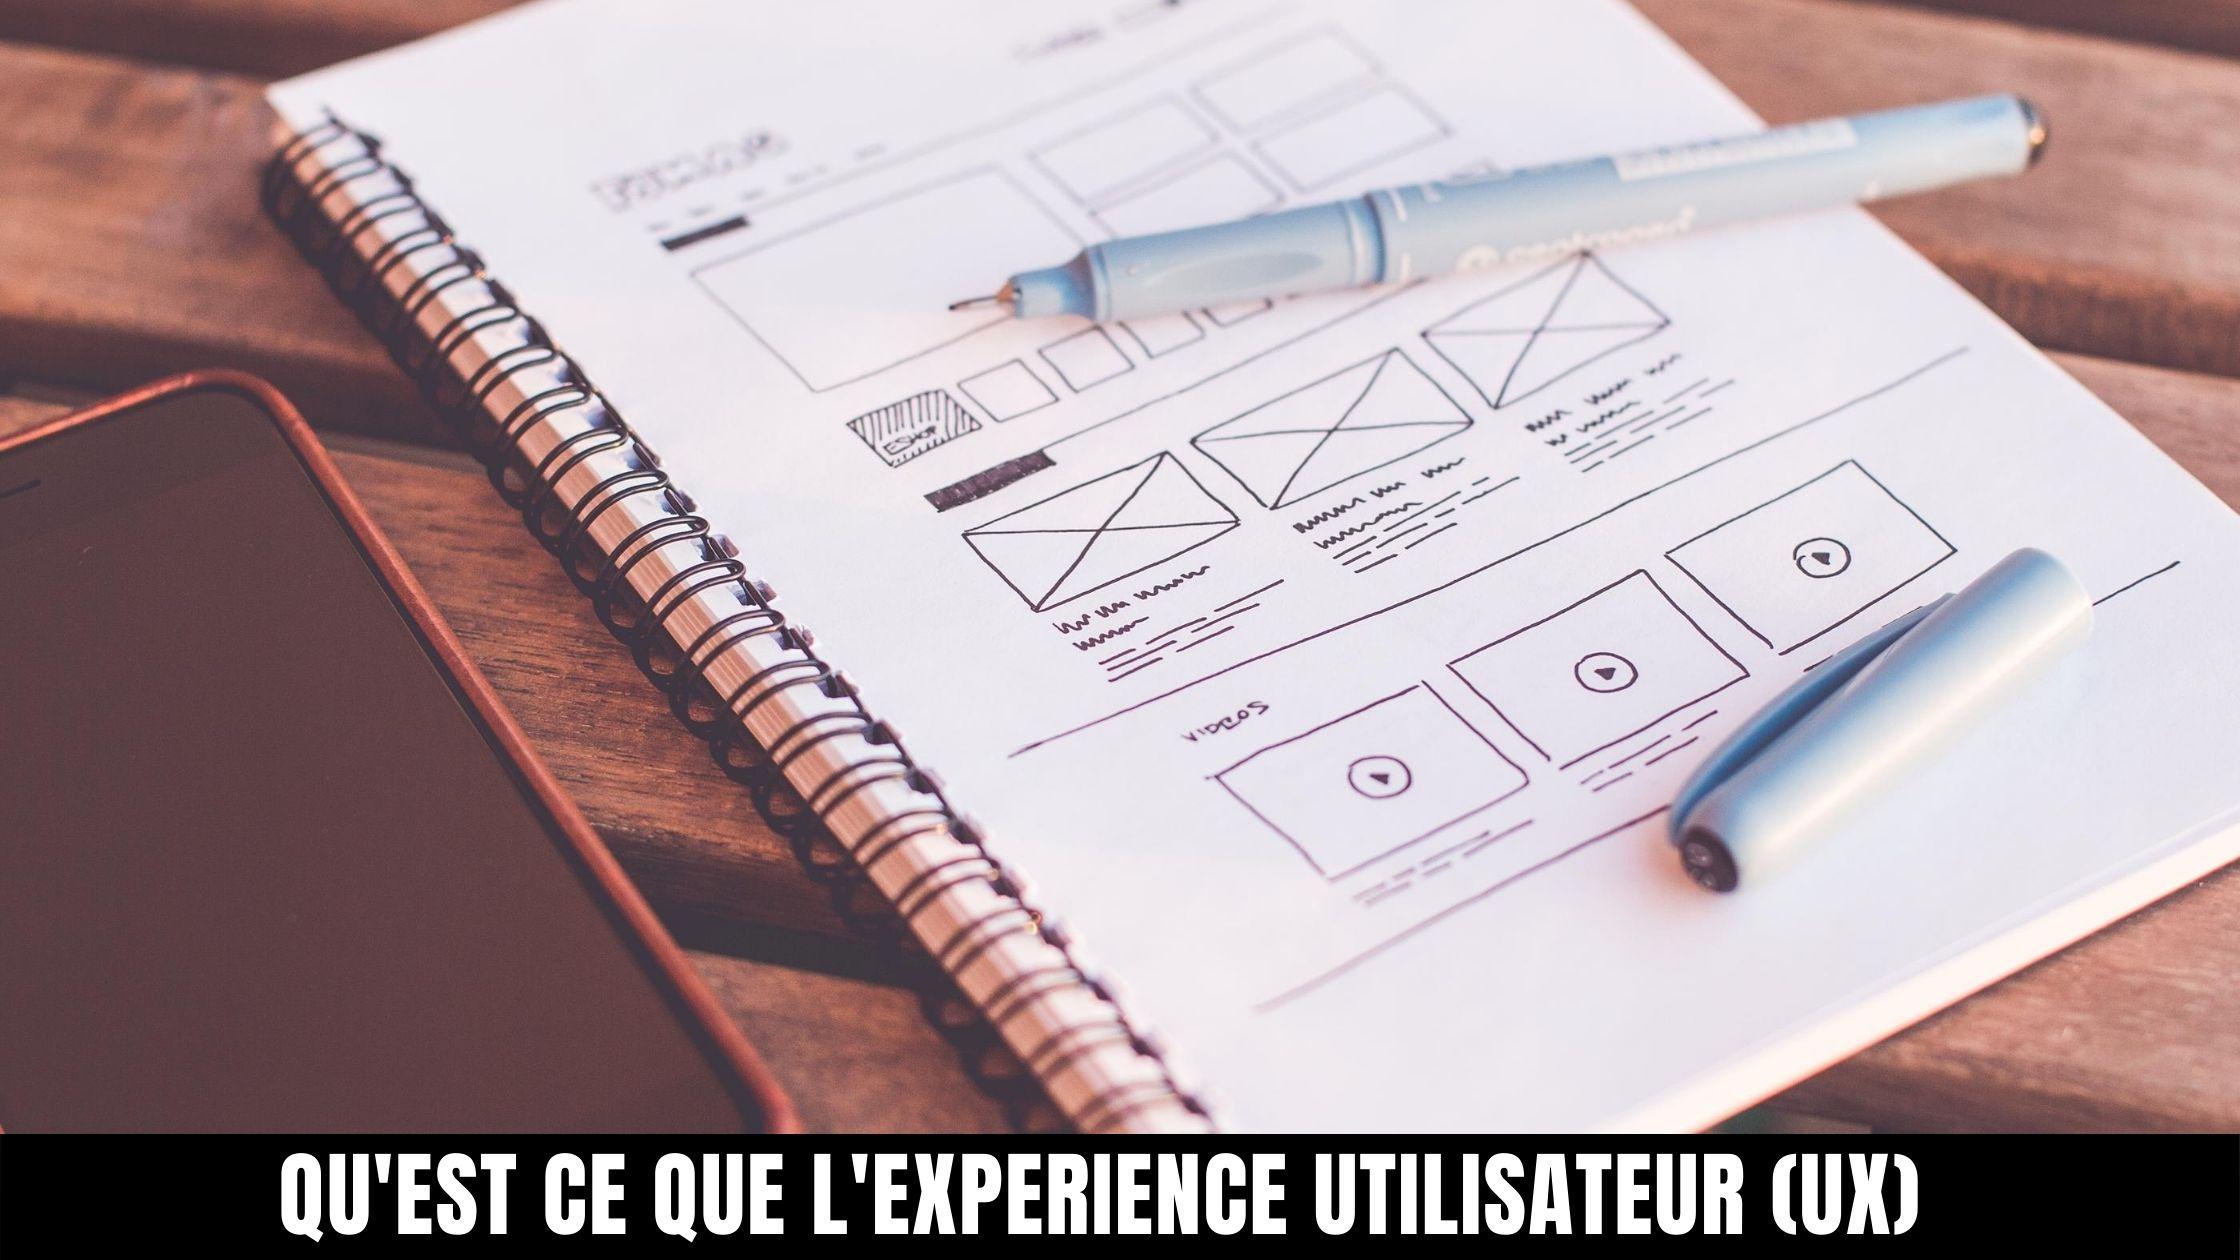 L'experience utilisateur, qu'est-ce que c'est ?